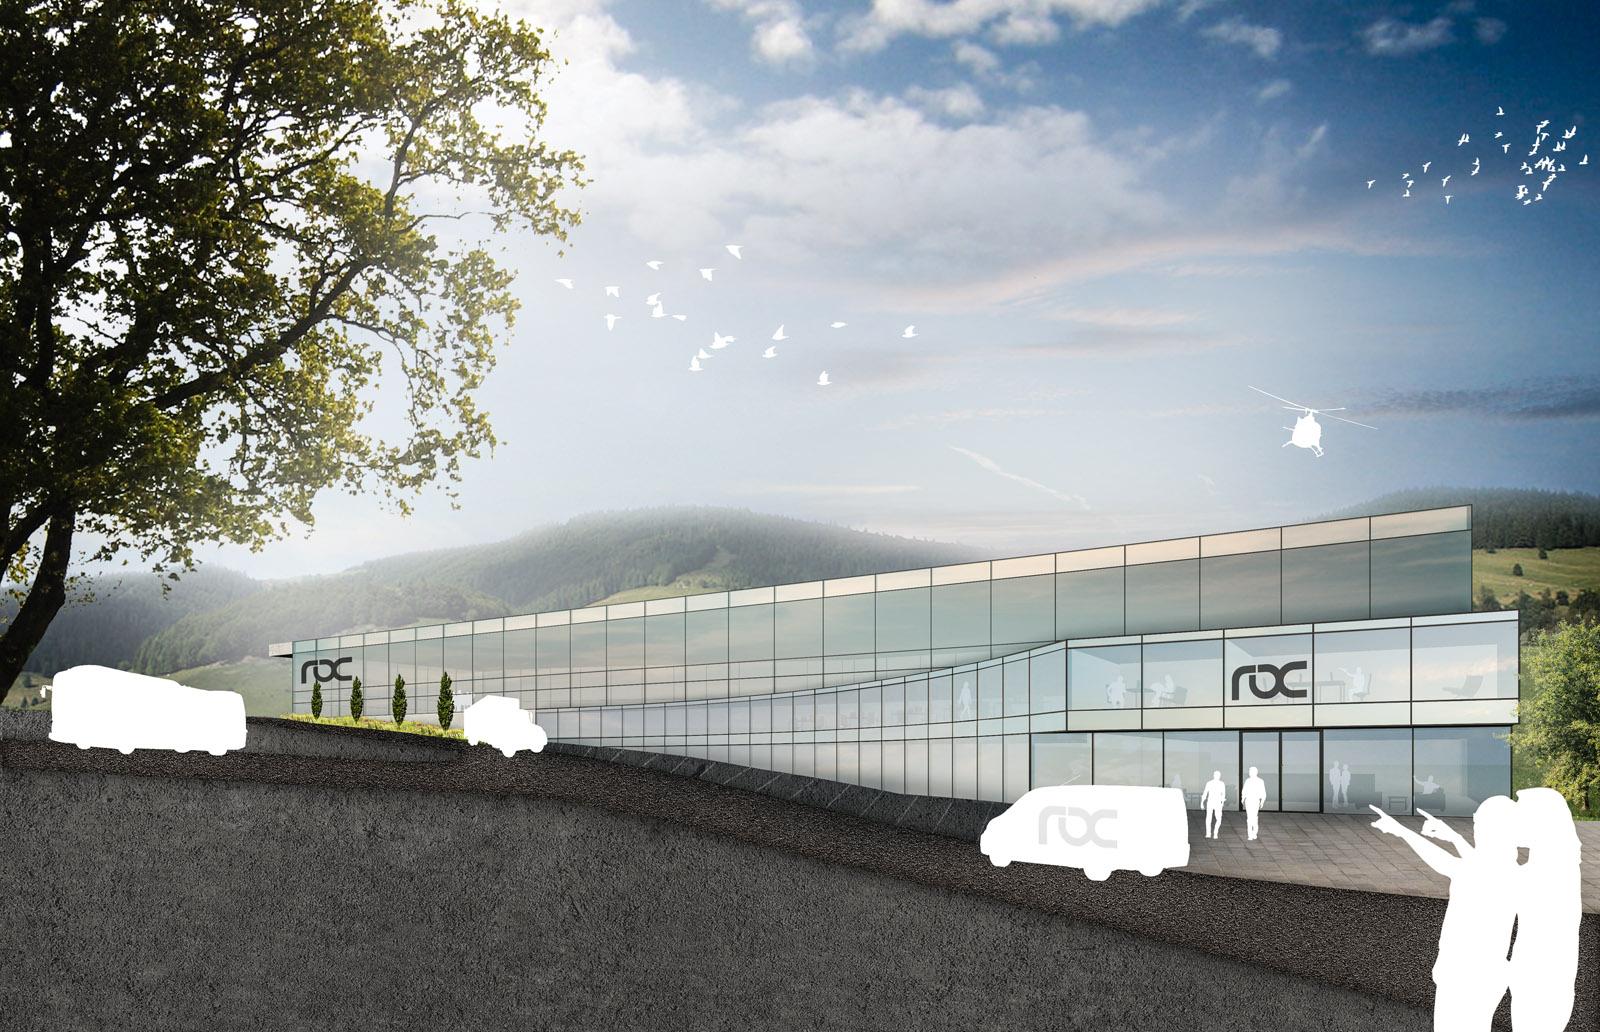 Illustration - ROC Schmiederäder GmbH, Freudenstadt